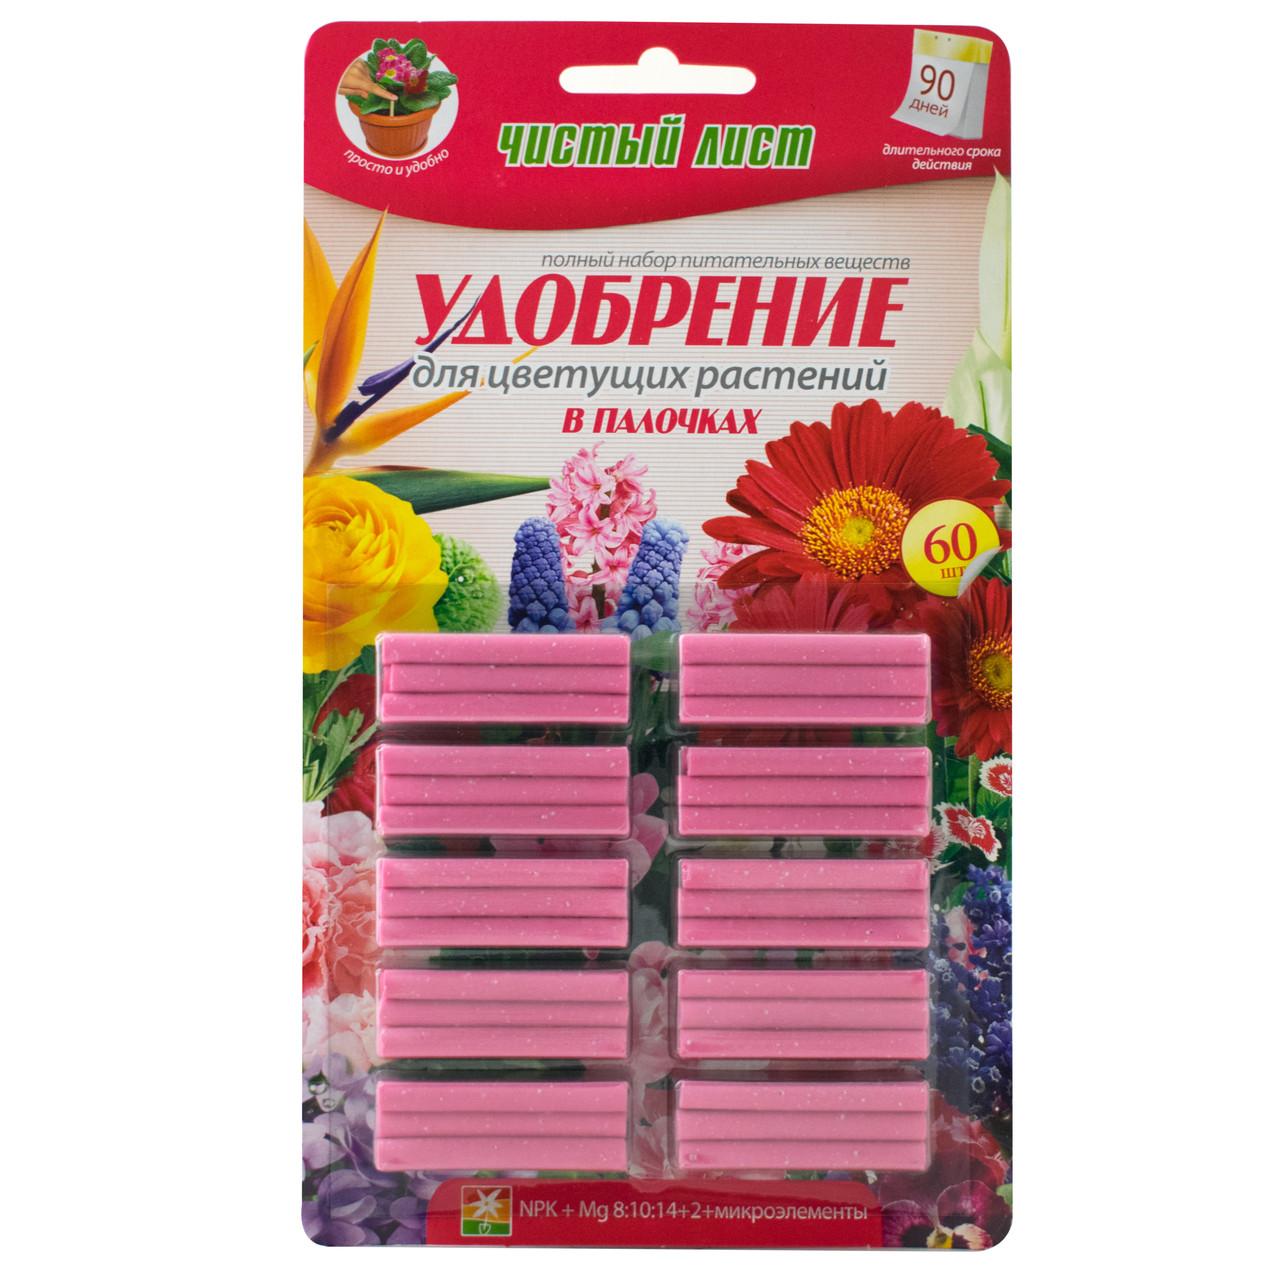 Удобрение в палочках Чистый лист для цветущих растений 60 шт